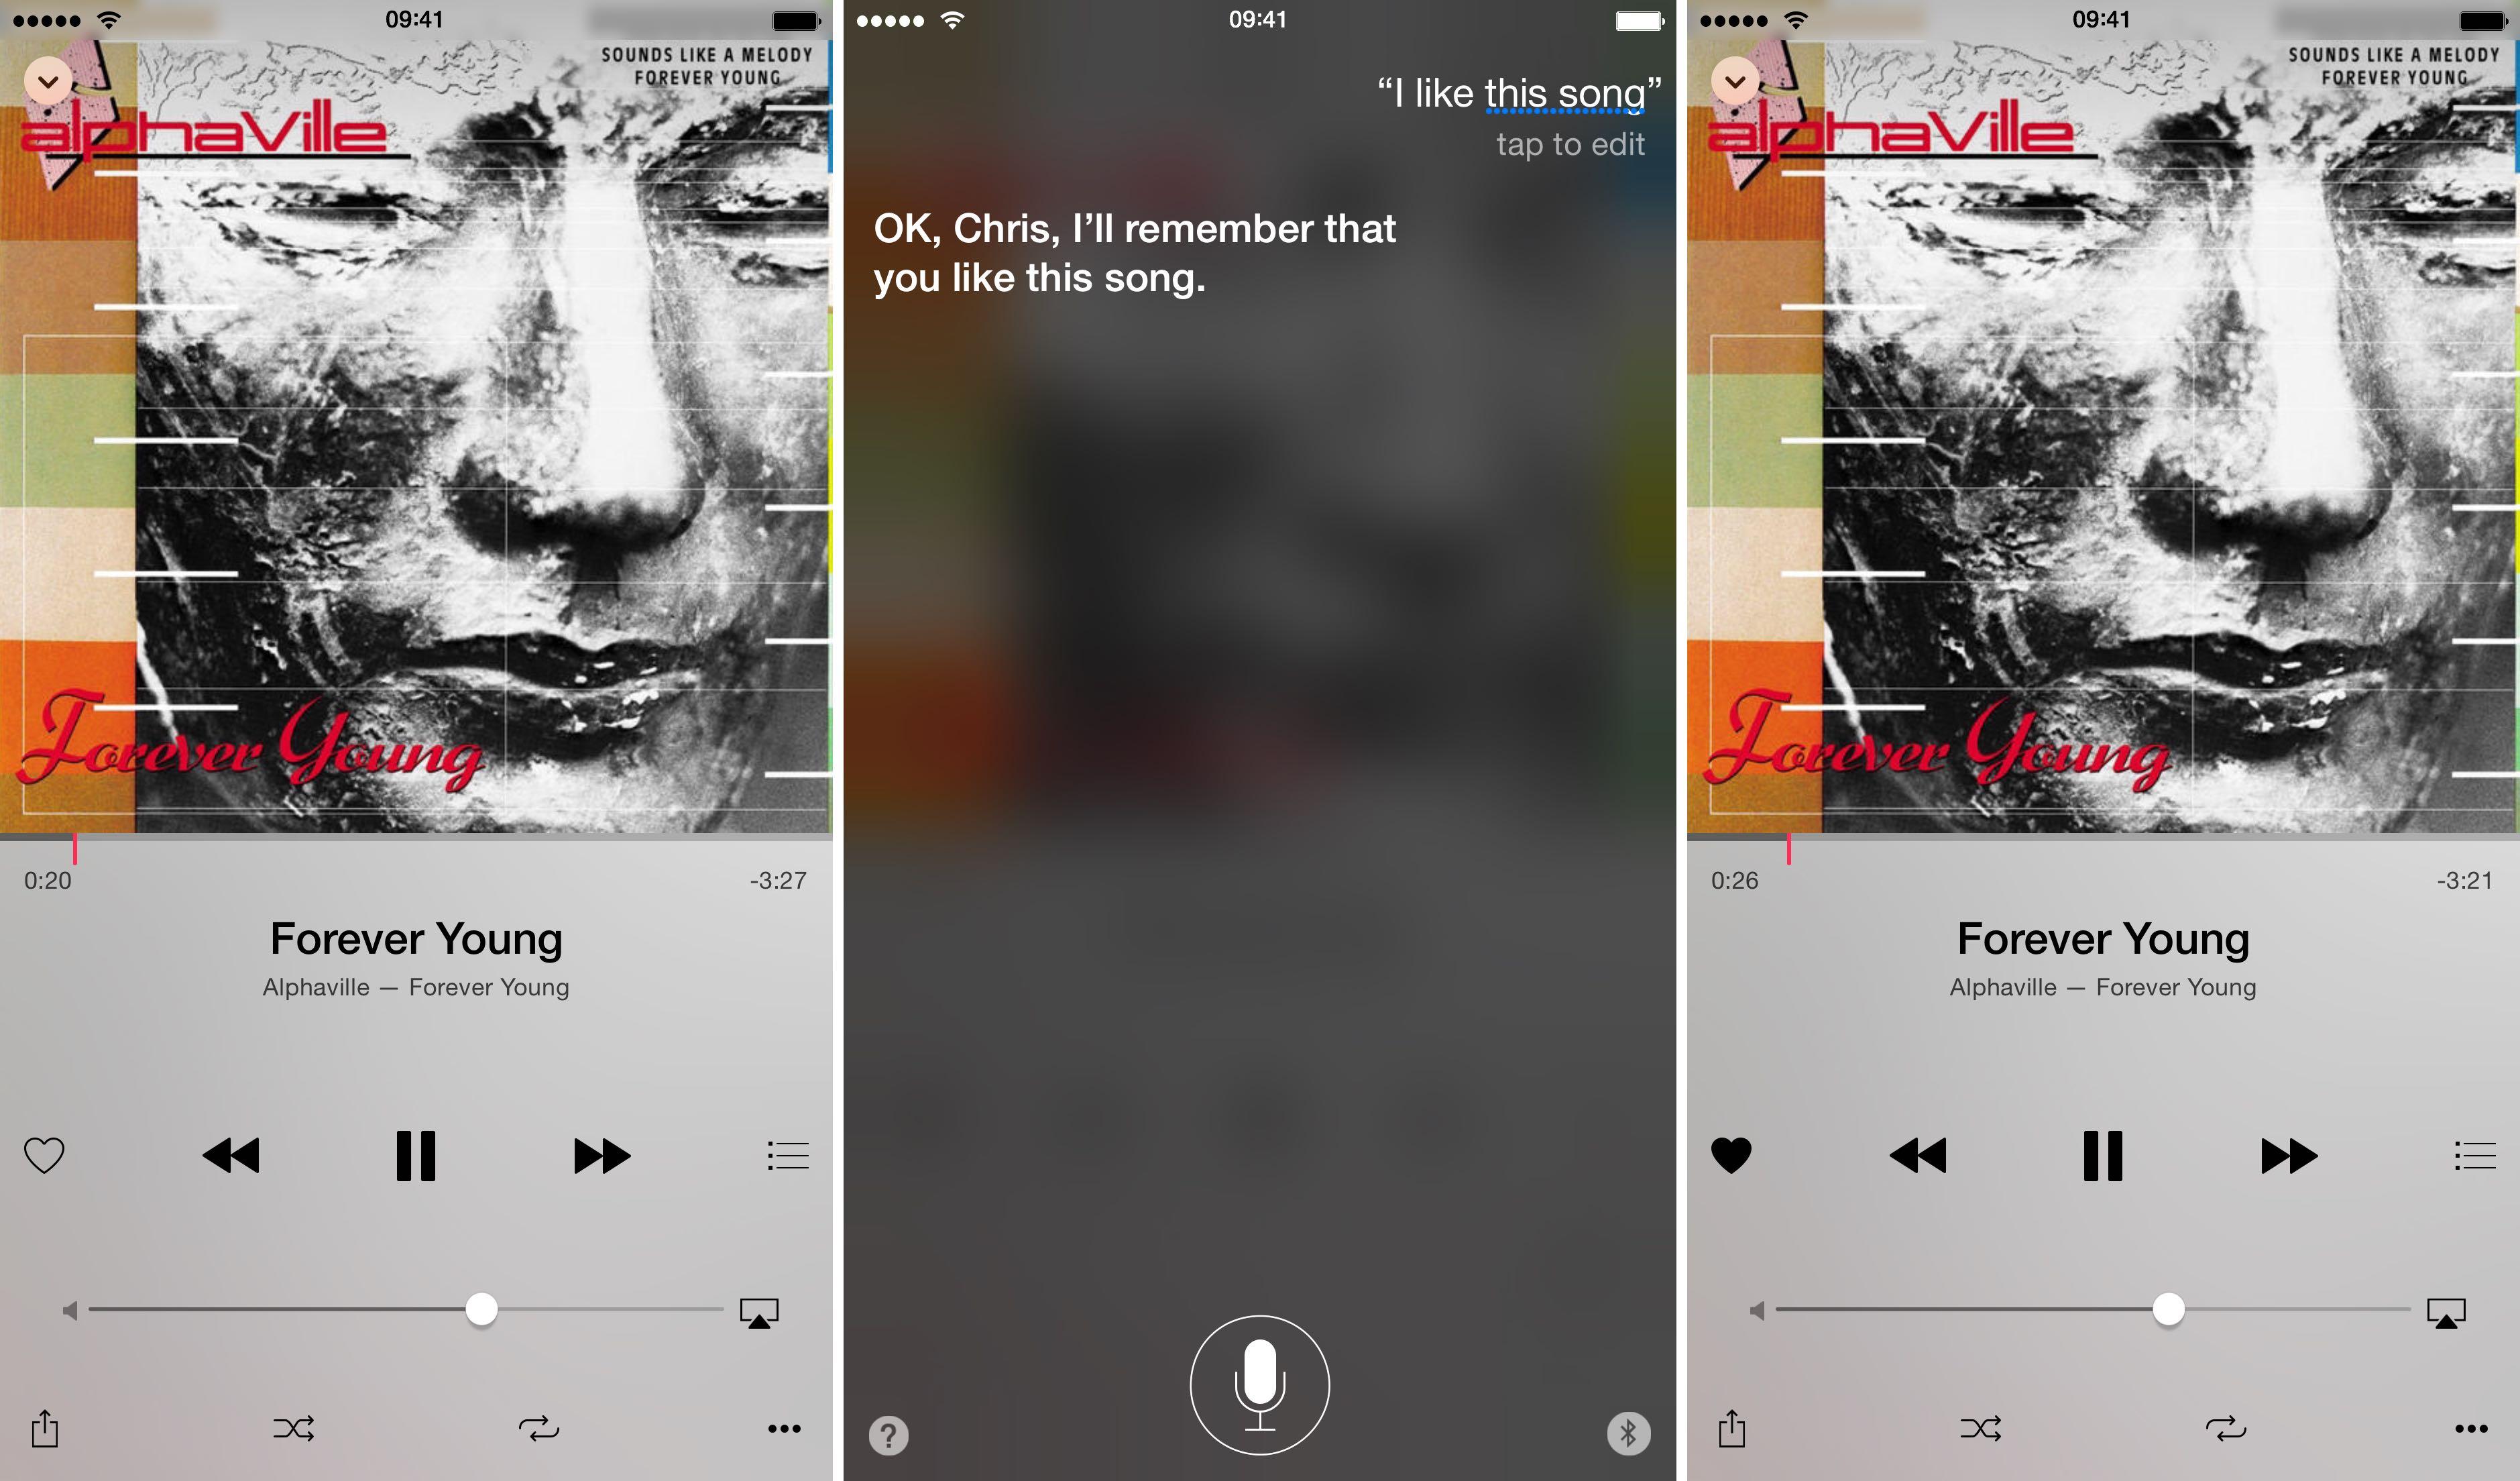 iOS 8.4 Música cómo hacer para ti recomendaciones iPhone captura de pantalla 008